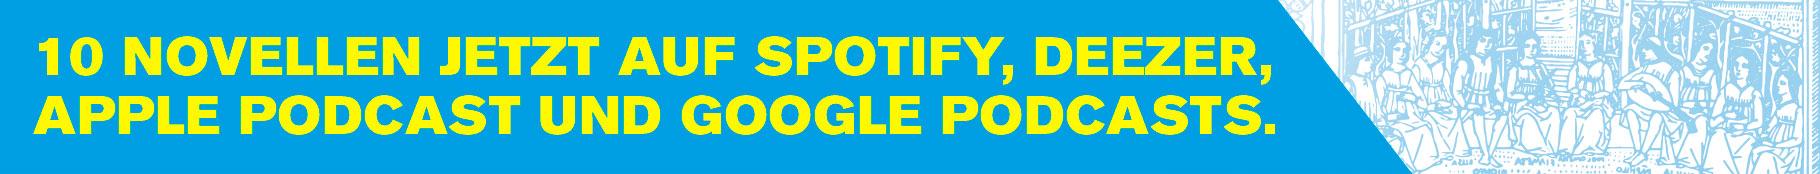 10 Novellen jetzt auf Spotify, Deezer, Apple Podcast und Google Podcasts